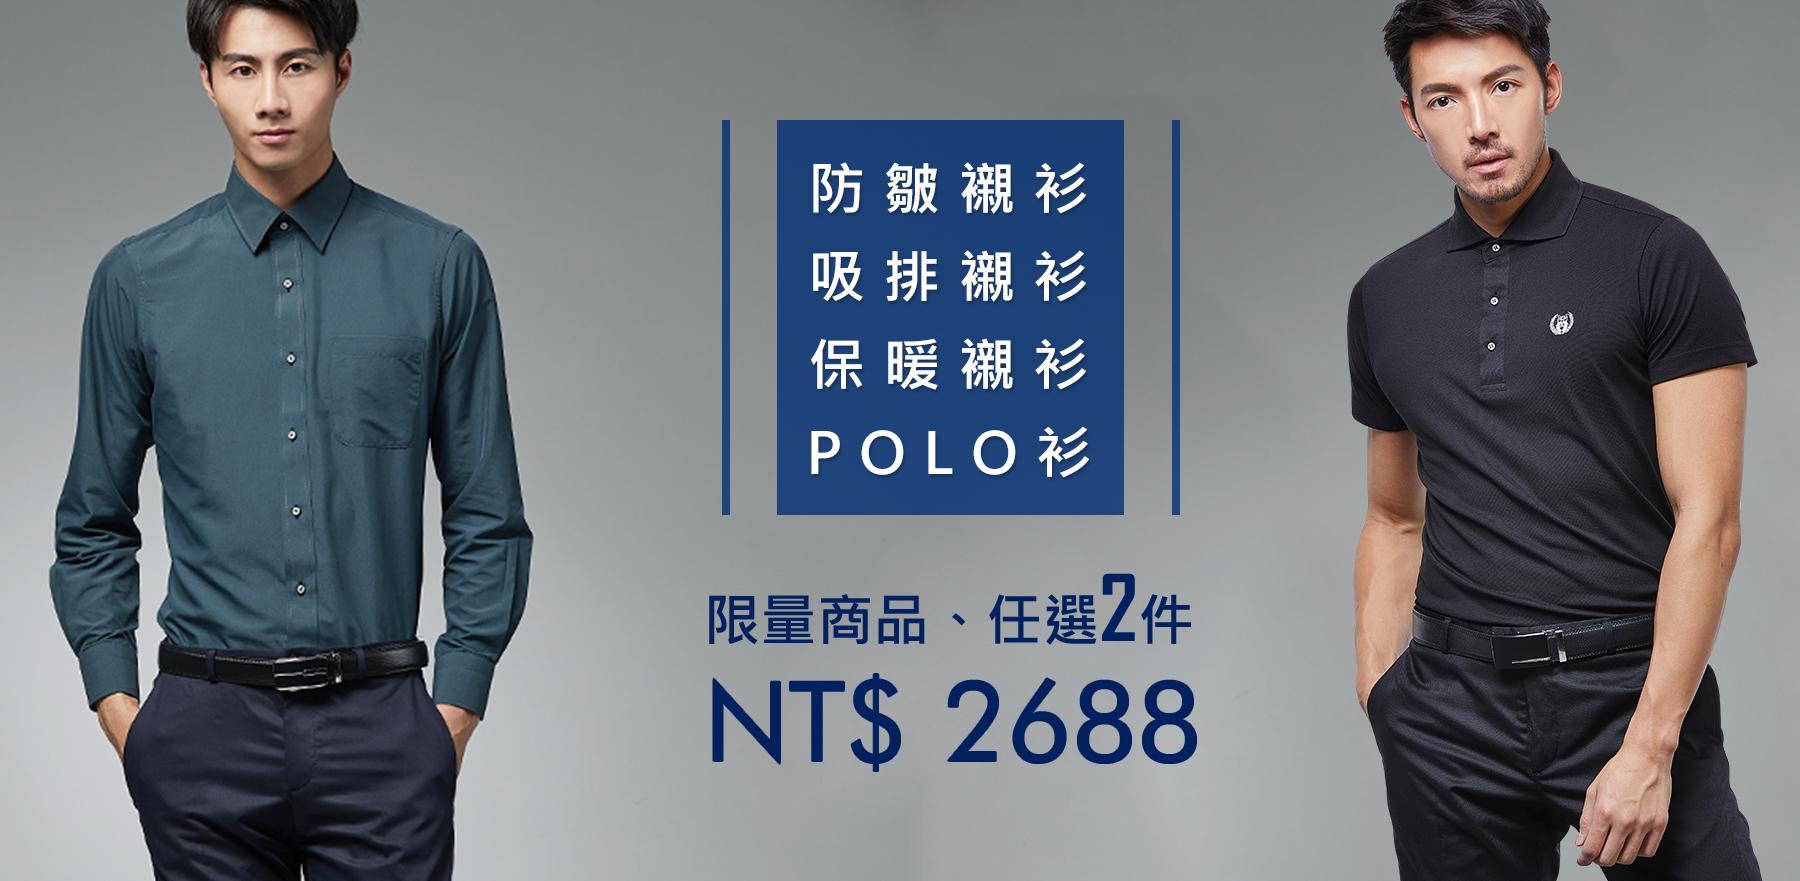 防皺襯衫、吸排襯衫、吸濕排汗POLO衫組合優惠價2688